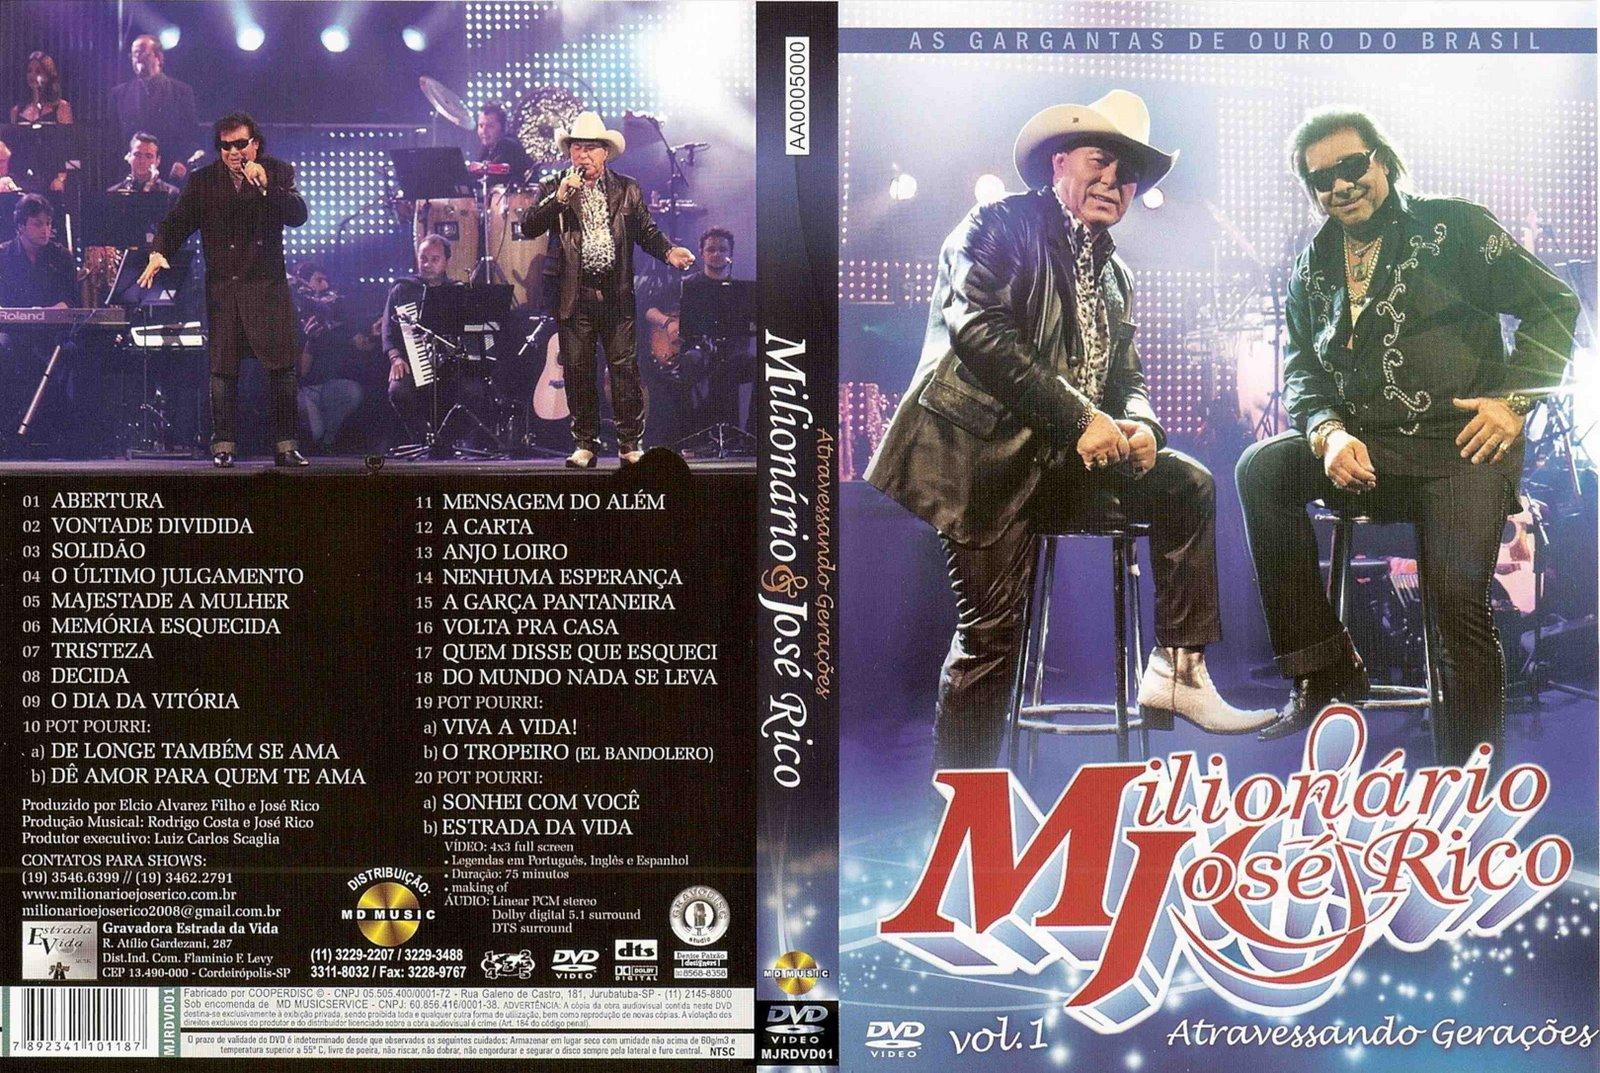 Milionário e José Rico Atravessando Gerações DVD-R + Discografia Milion C3 A1rio 2B 26 2BJos C3 A9 2BRico 2B  2BAtravessando 2BGera C3 A7 C3 B5es 2B  2BVol